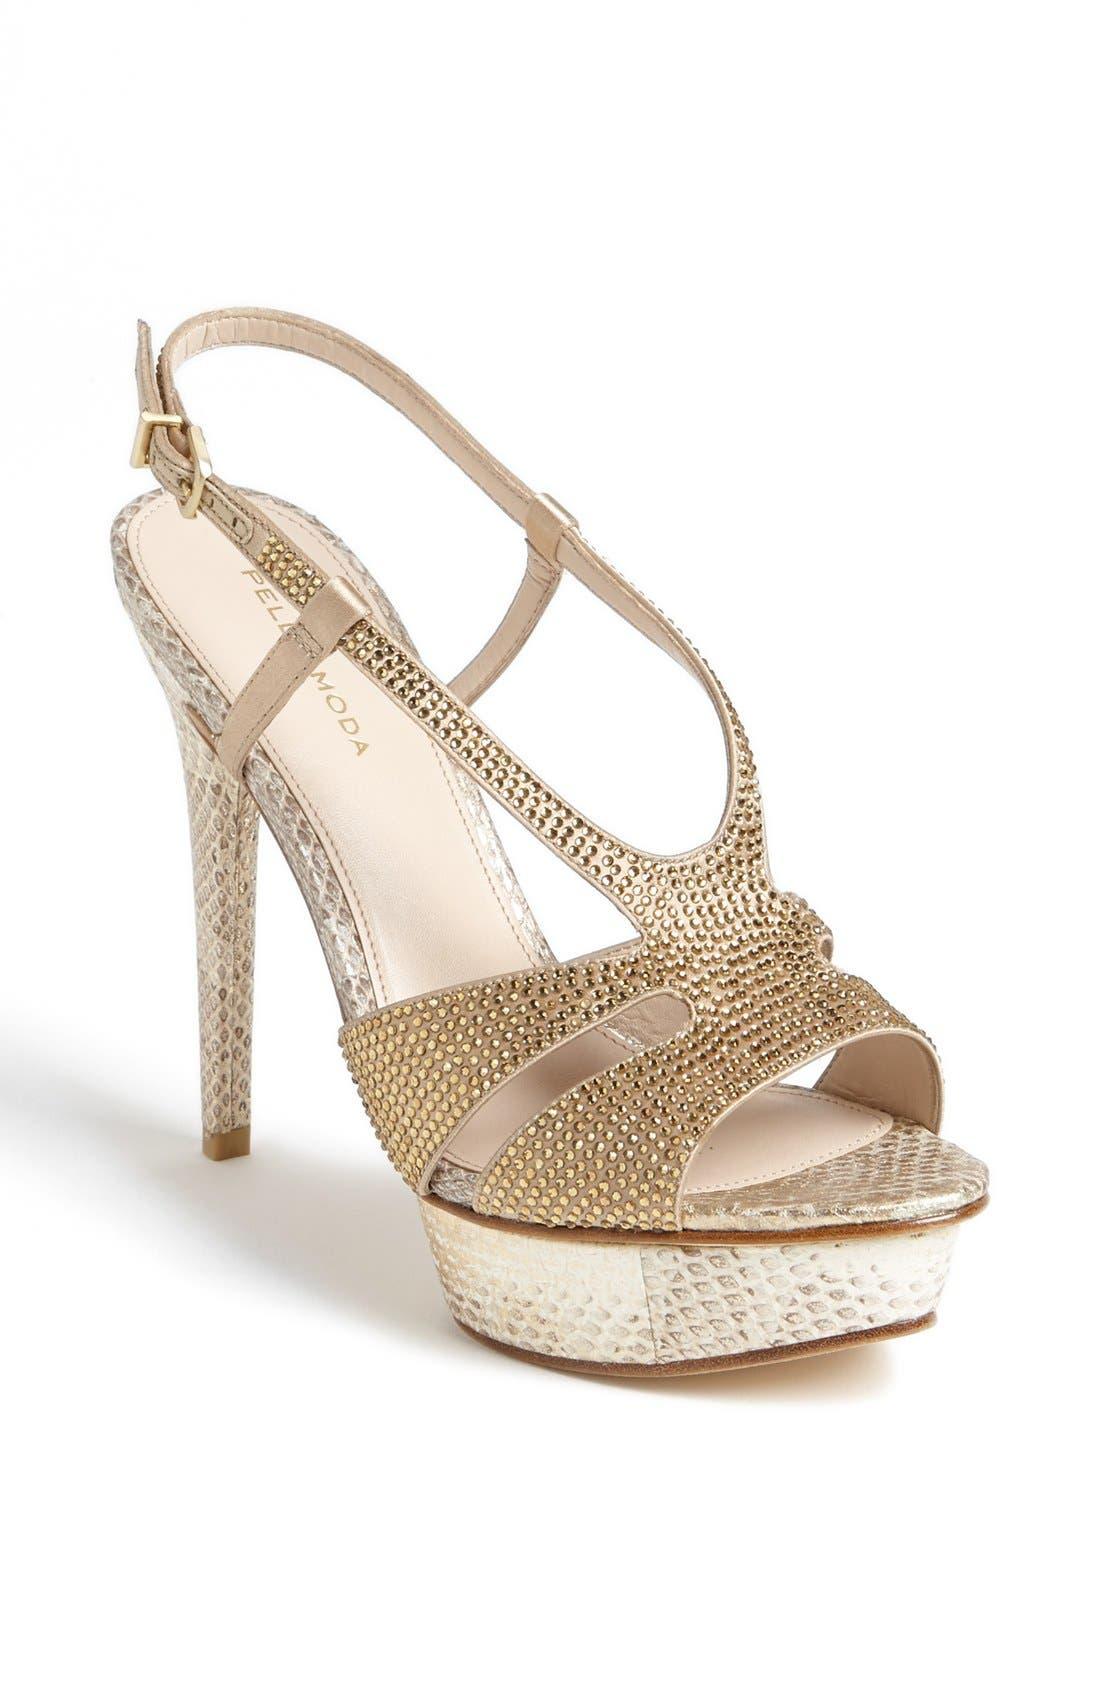 Alternate Image 1 Selected - Pelle Moda 'Hana' Sandal